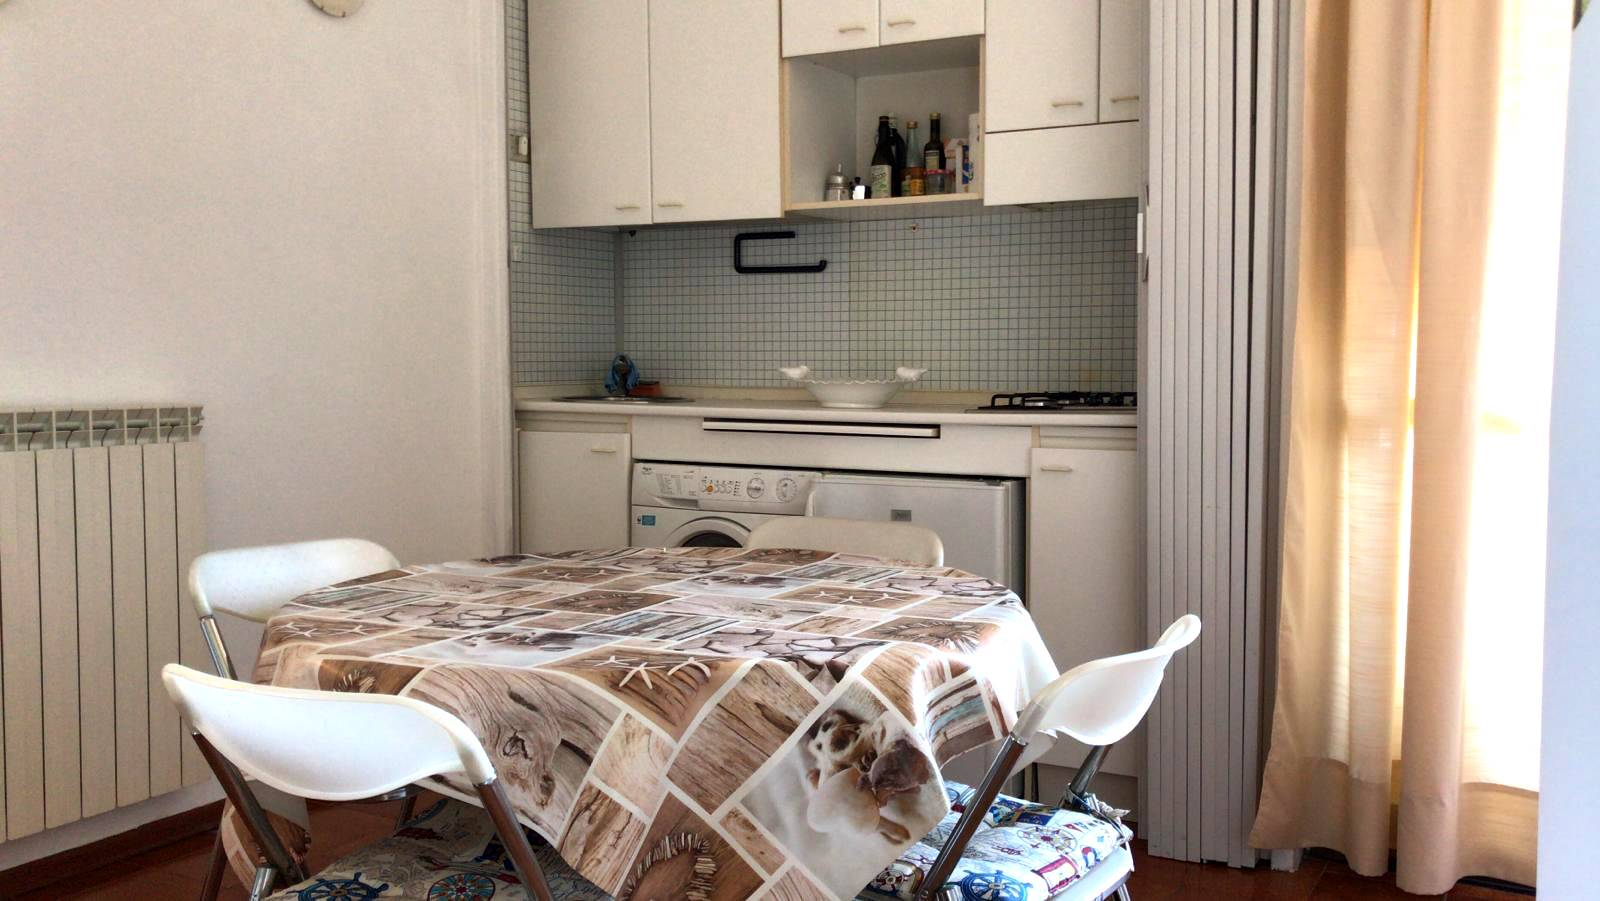 LIDO DI CAMAIORE, CAMAIORE, Квартира на продажу из 40 Км, Xорошо, Отопление Независимое, Класс энергосбережения: G, на земле 5° на 5, состоит из: 2